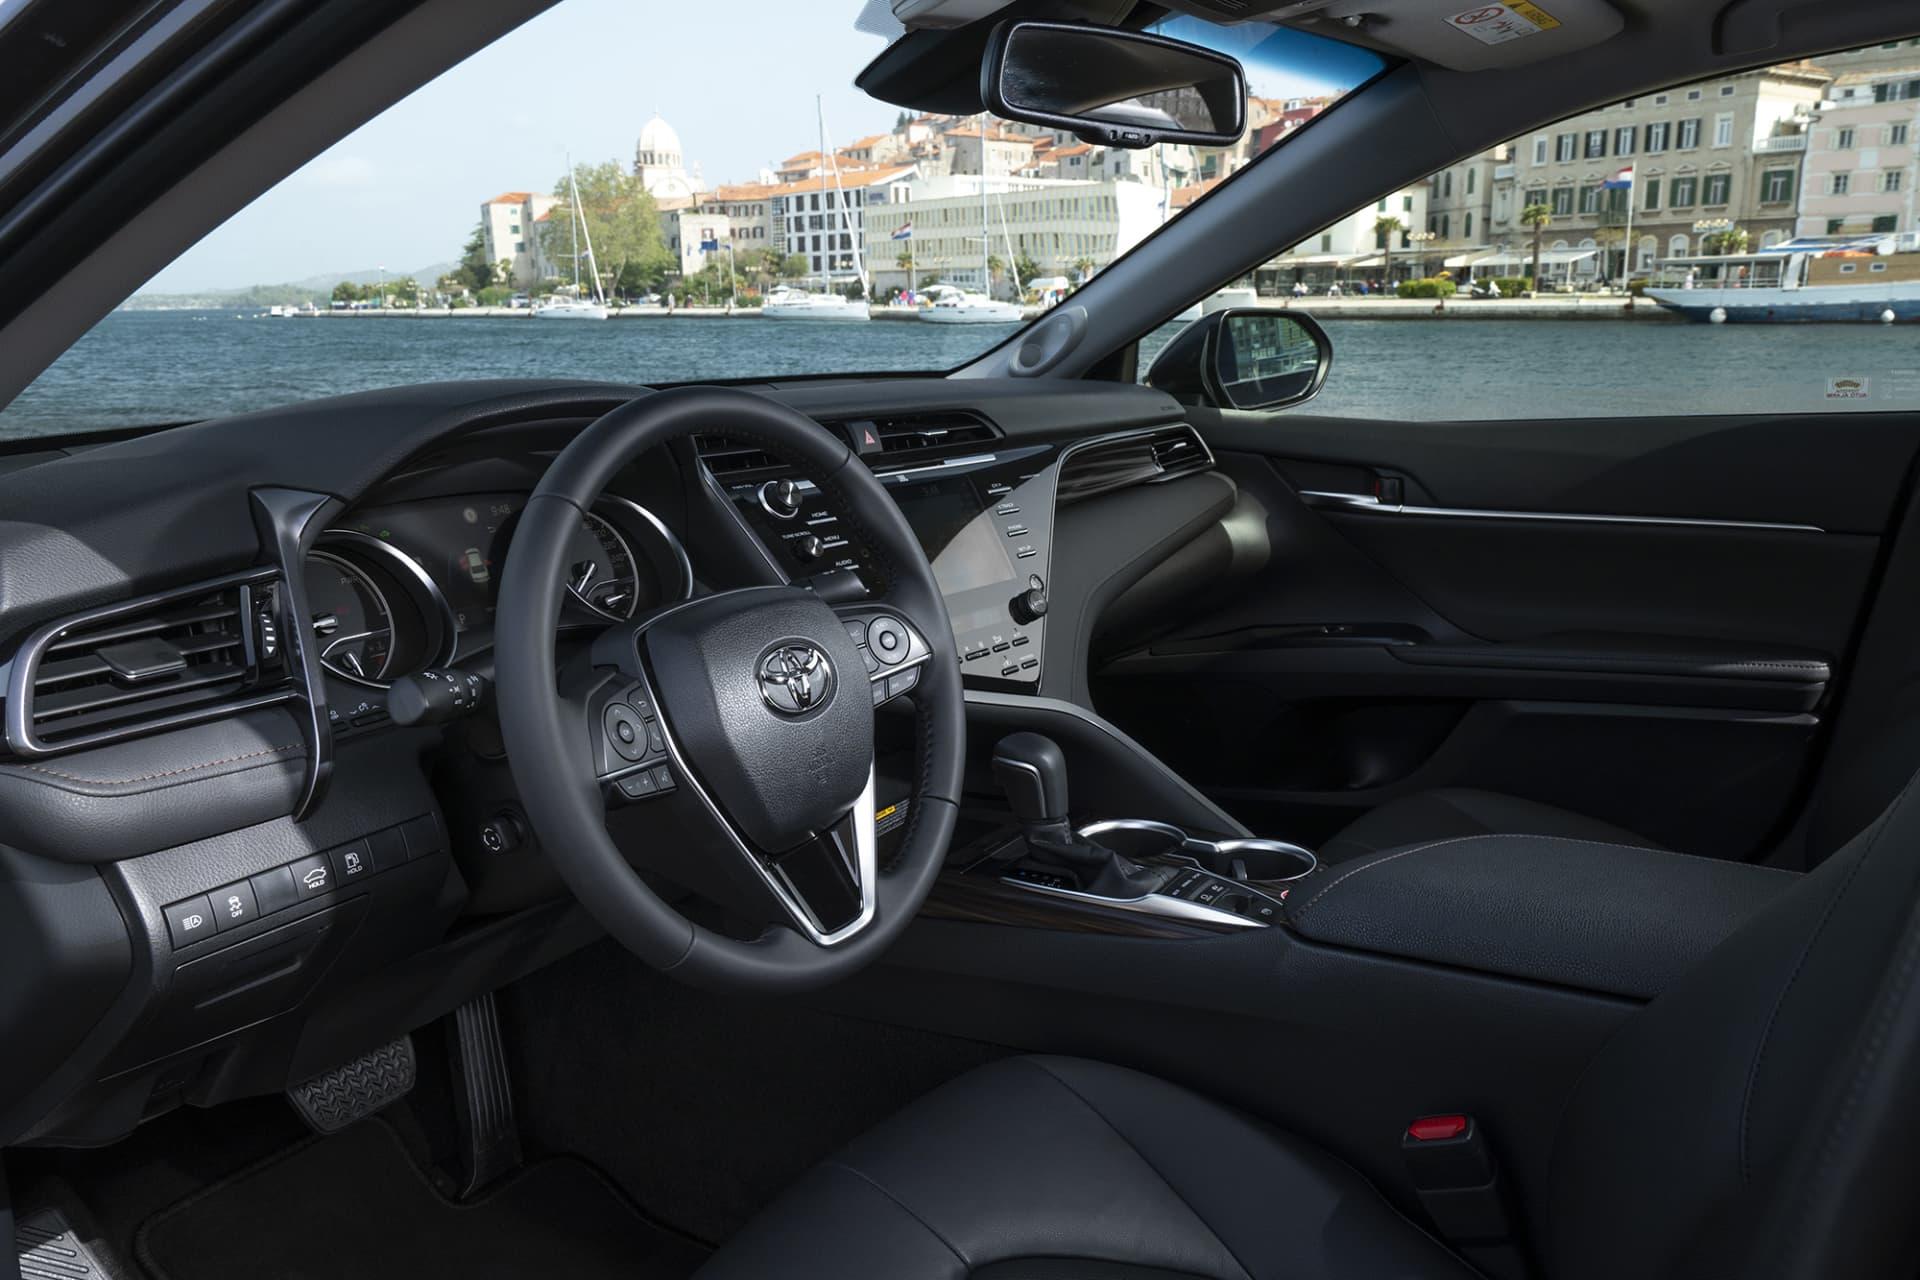 Interiören som håller hög standard på Camry är fyld av vassa linjer, något som hör till den japanska bildesignen.